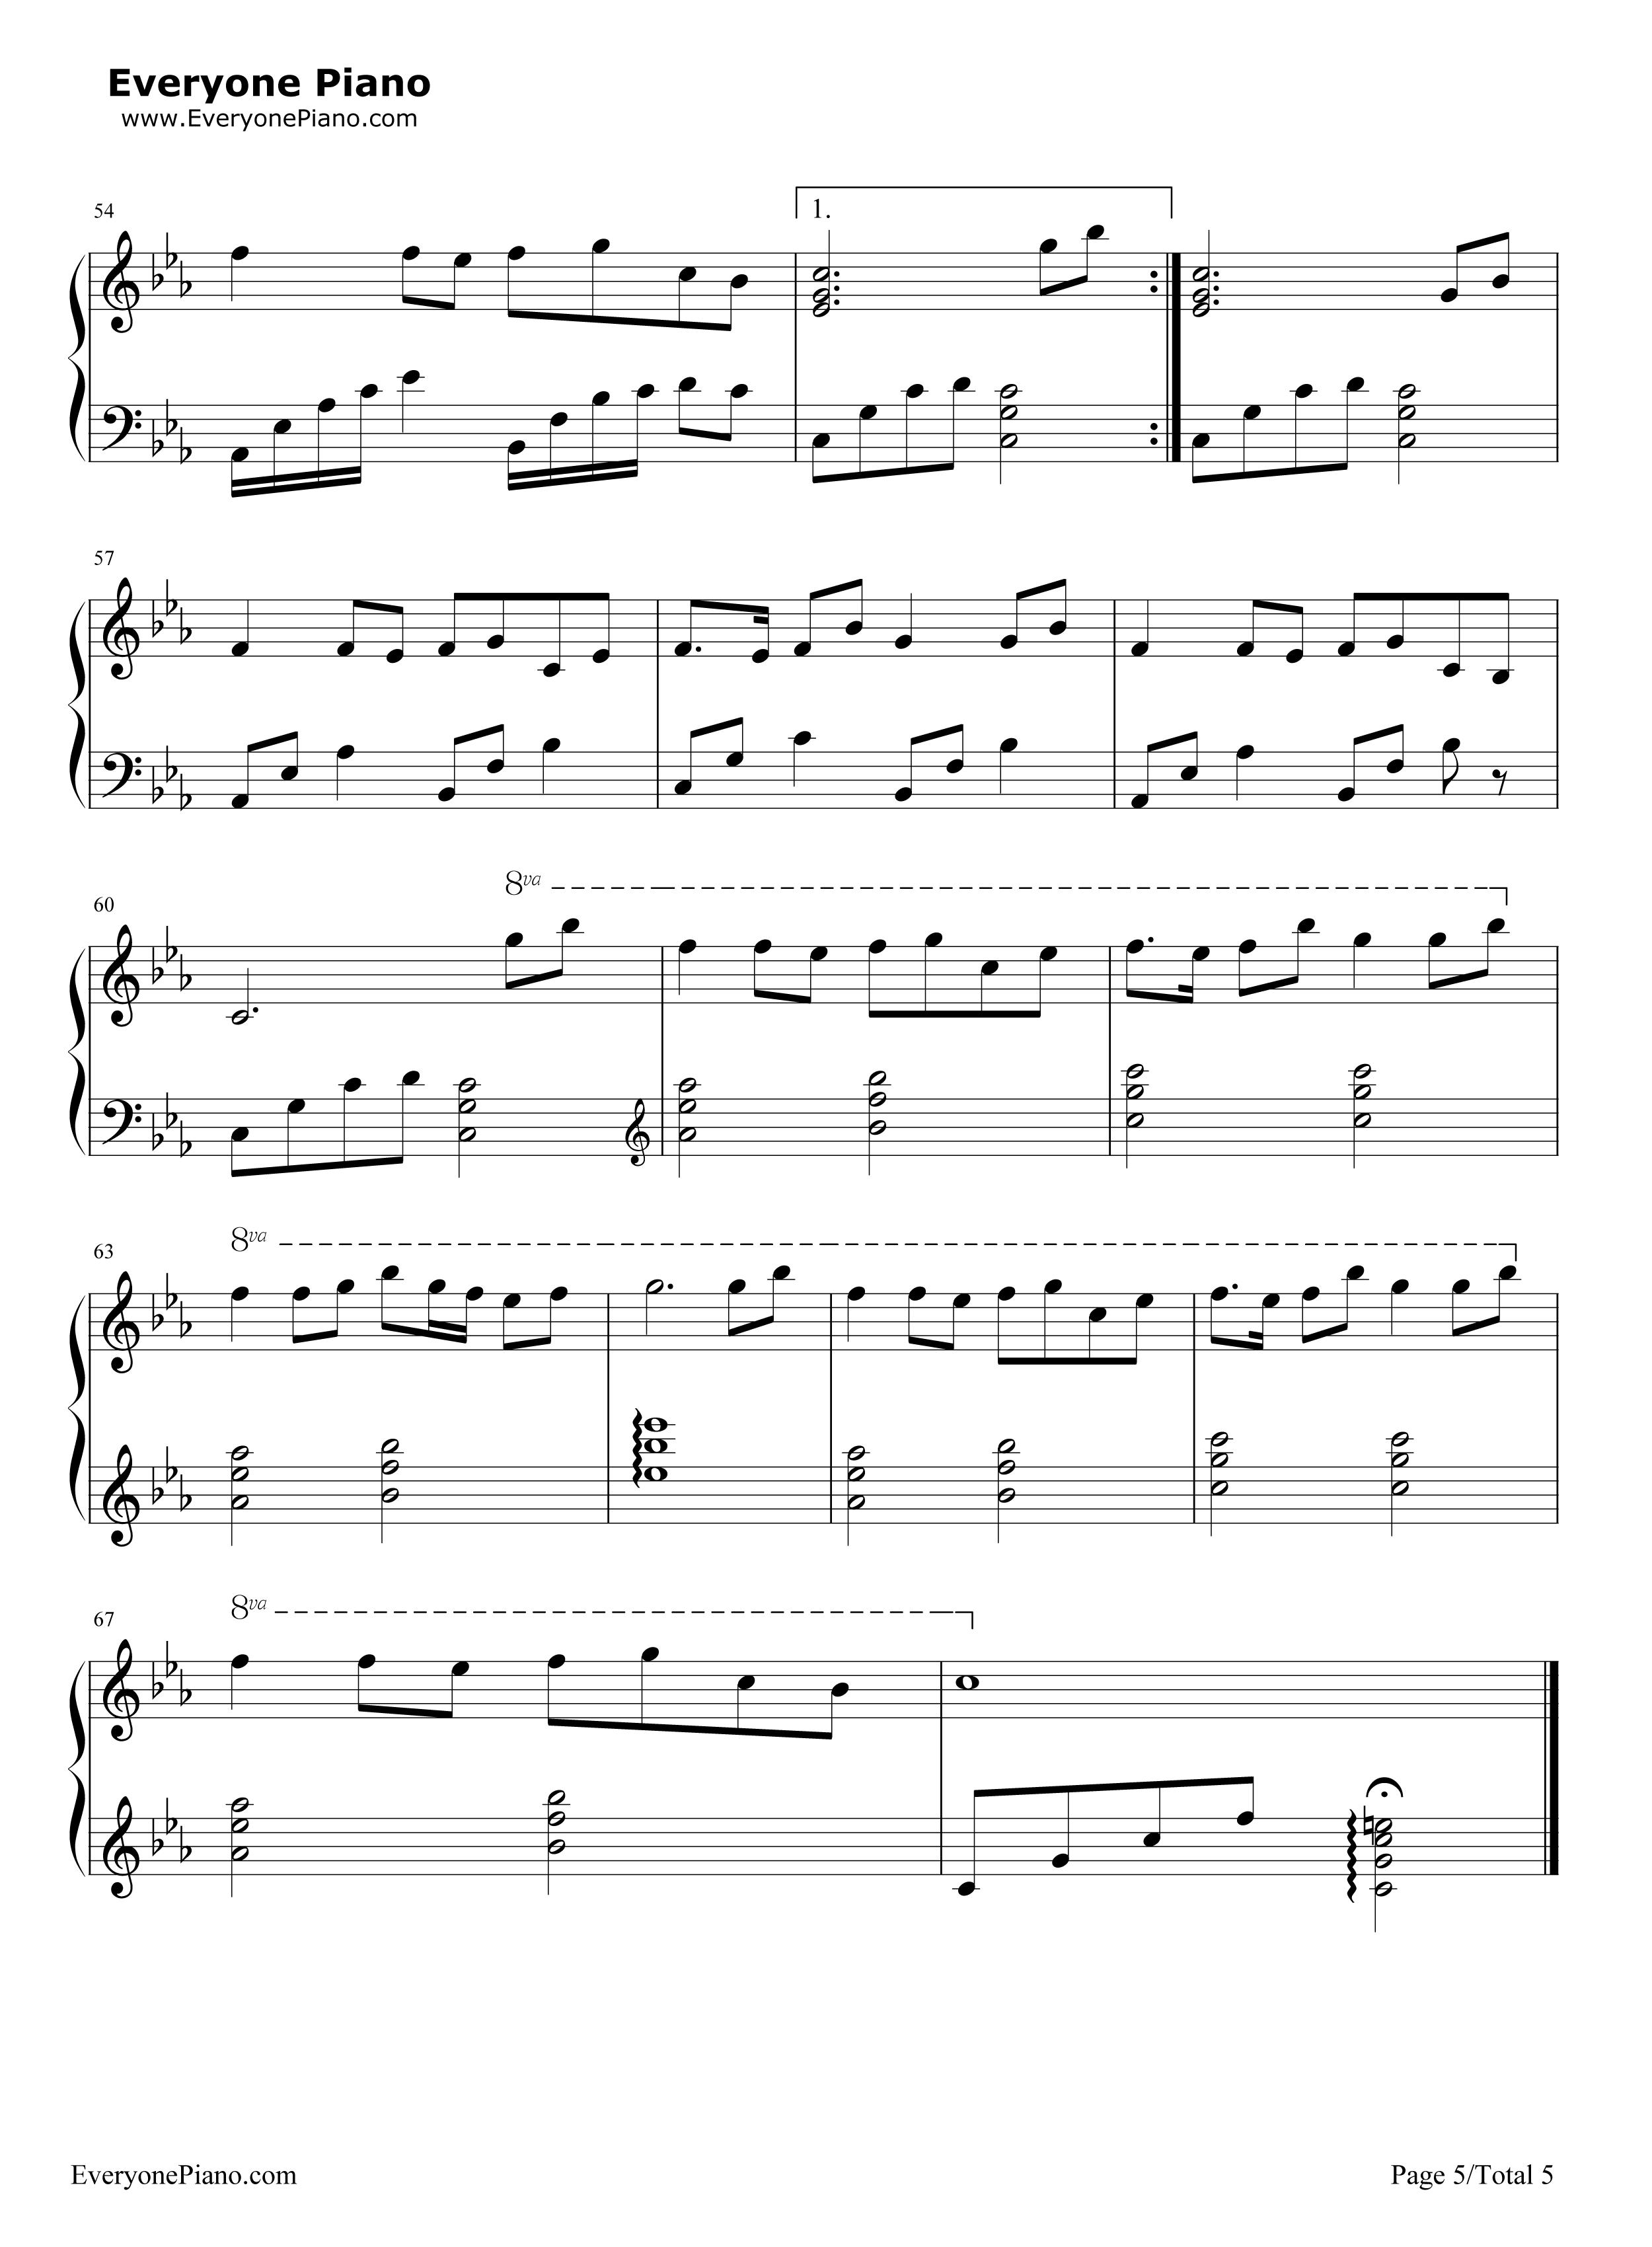 夢と葉桜-初音ミク五線譜プレビュー5 夢と葉桜-初音ミク五線譜プレビュー( 総数5枚 )  無料